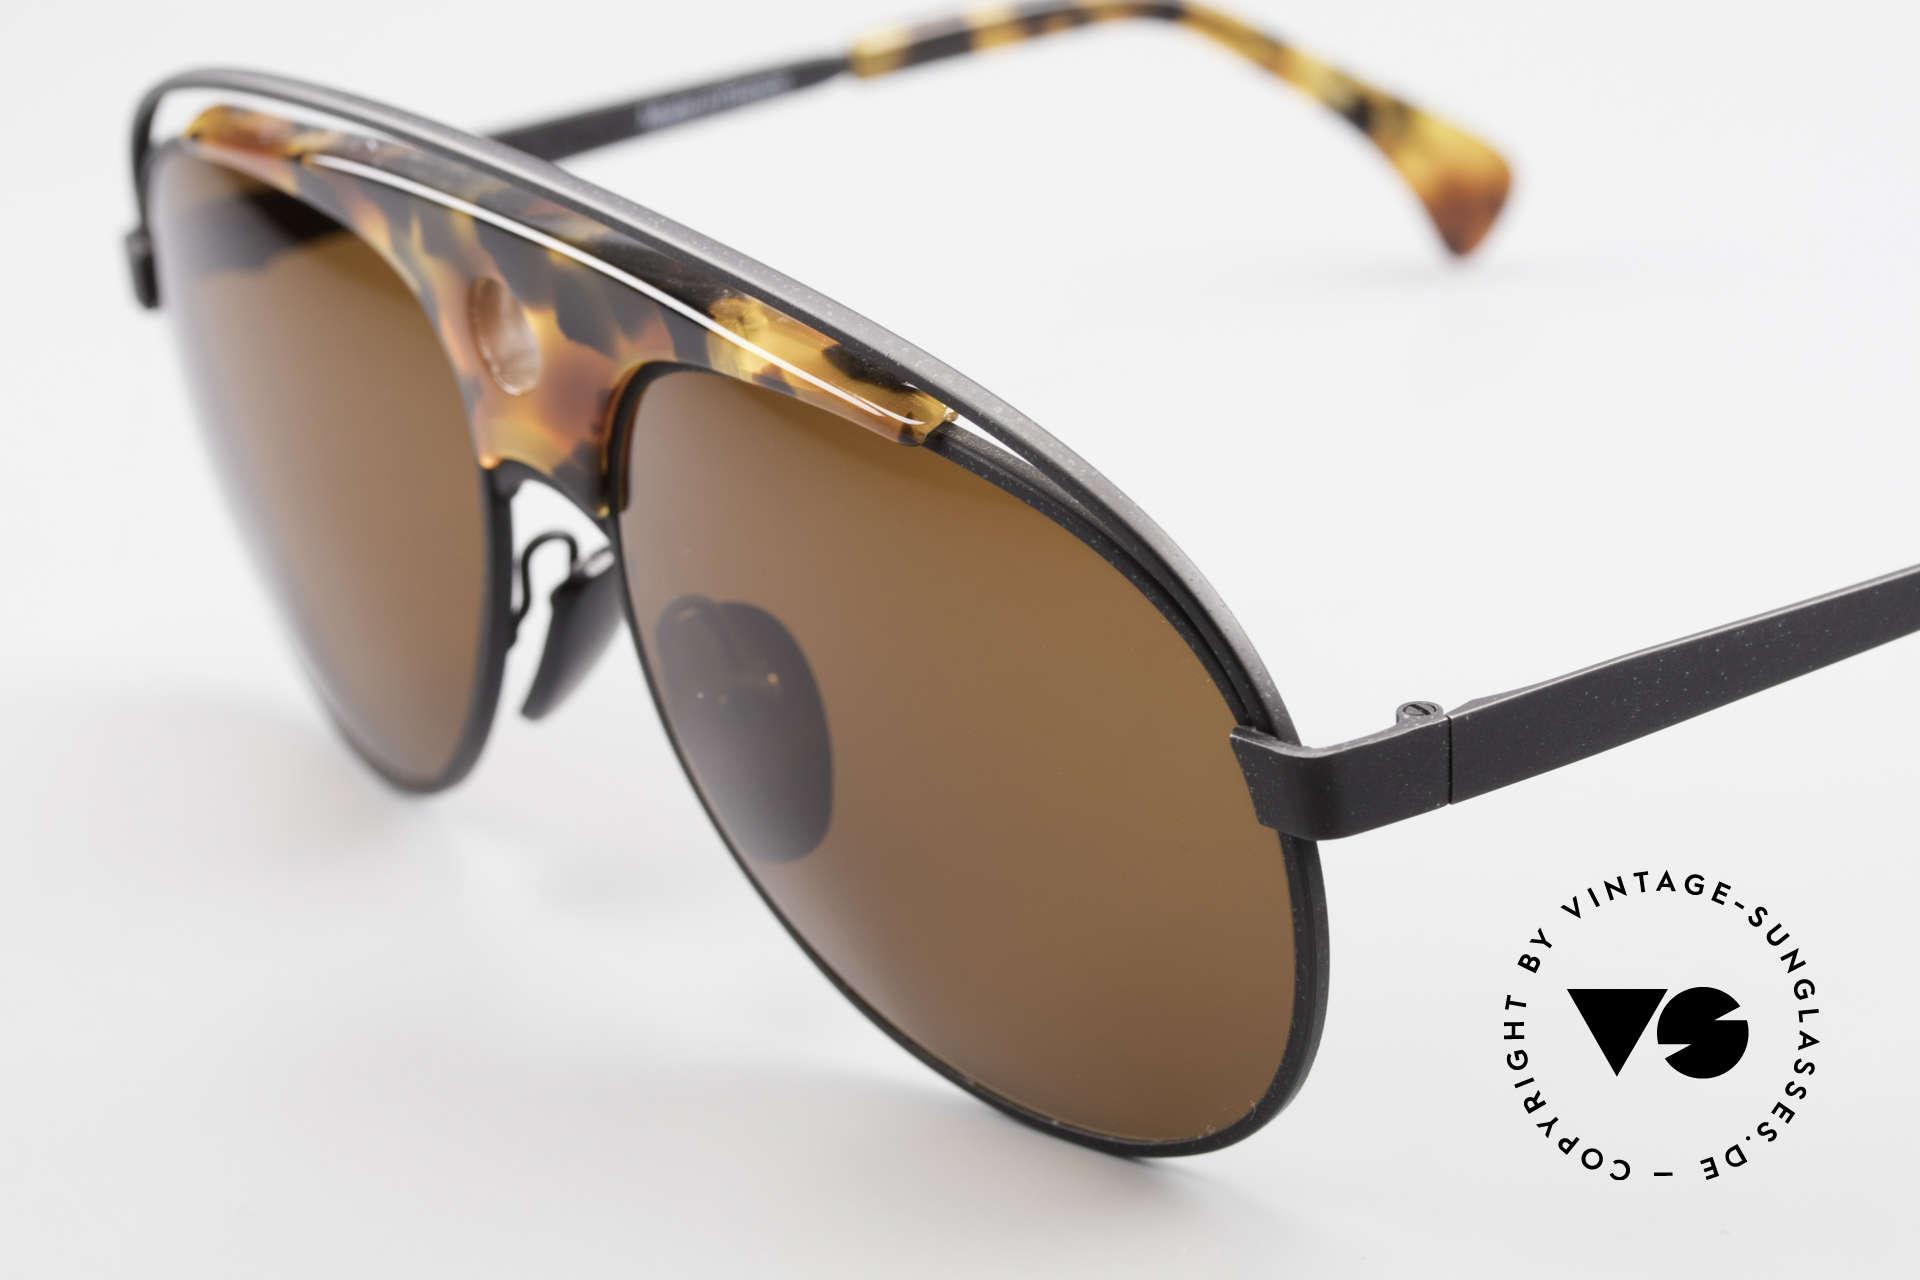 Alain Mikli 633 / 0013 Lenny Kravitz Sunglasses 80's, top craftsmanship (black frame with tortoise appliqué), Made for Men